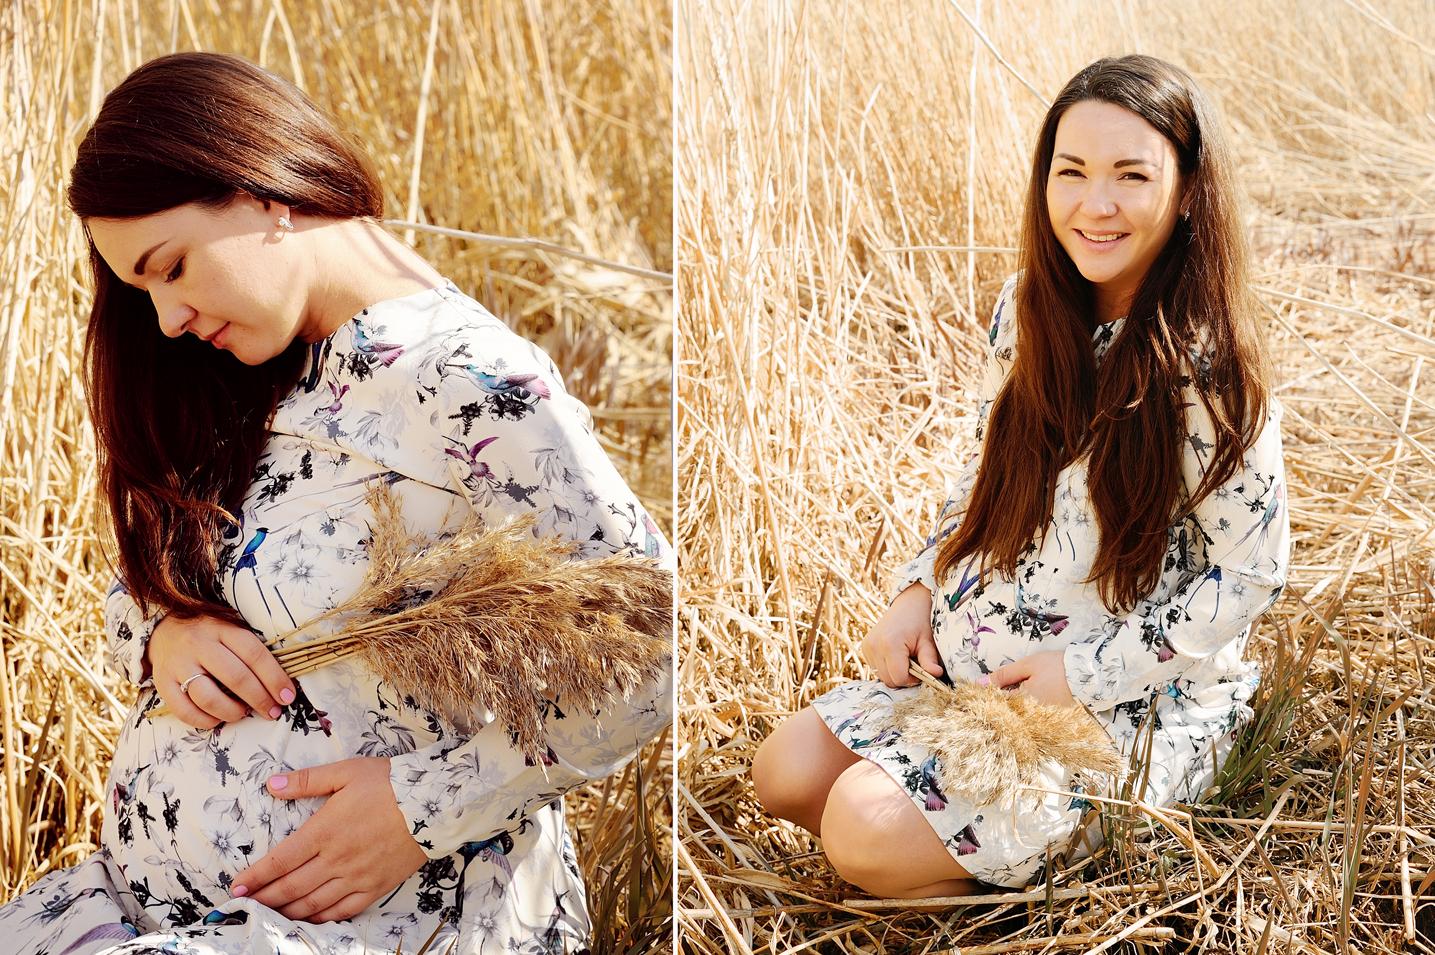 Беременные девушки: фото и картинки беременные девушки